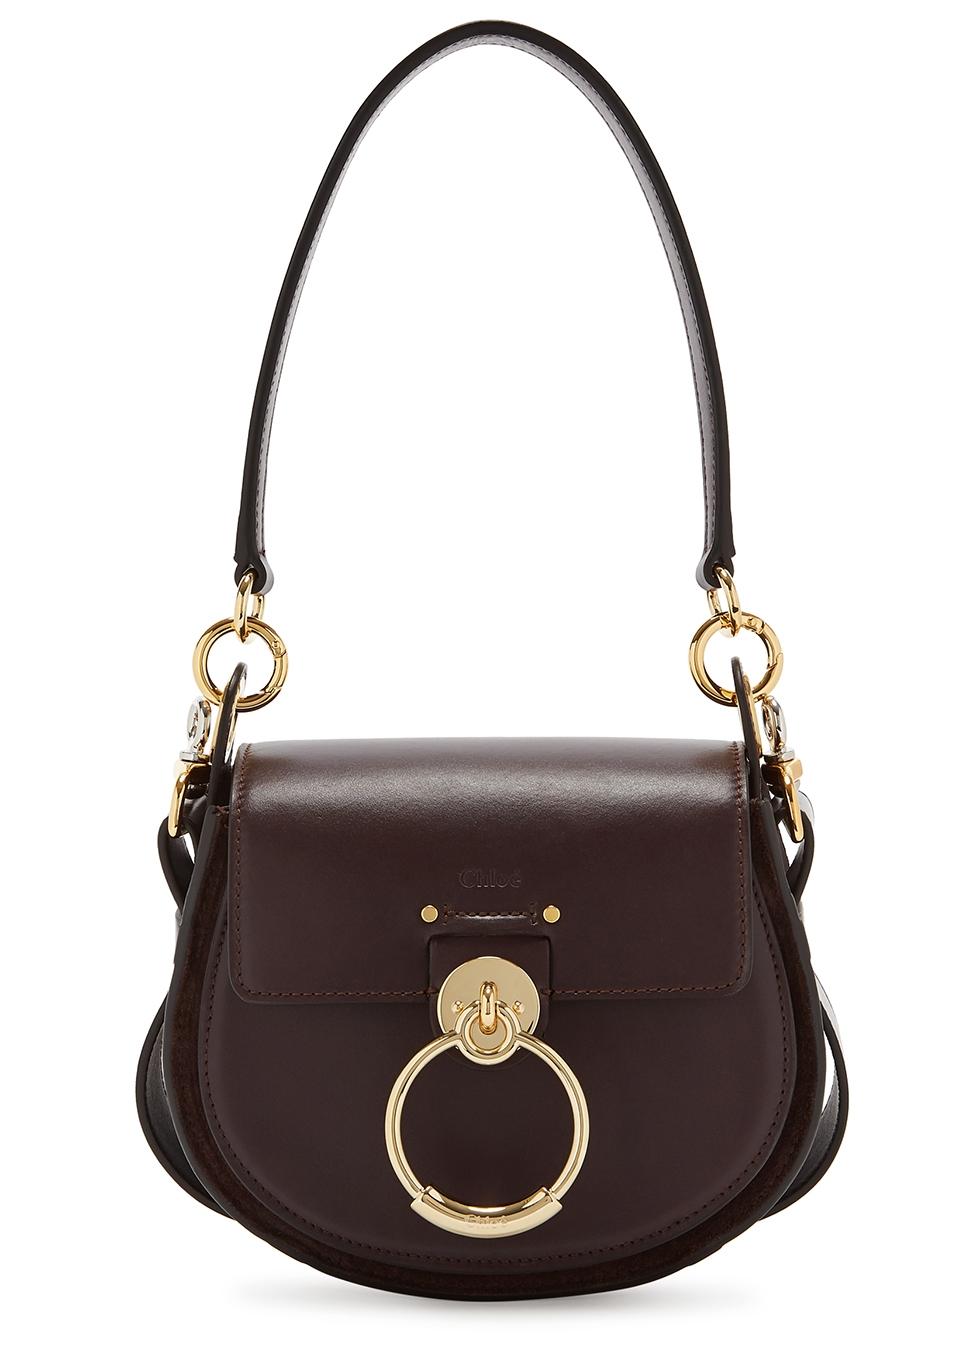 a8e54d36dbd8dd Women's Designer Bags, Handbags and Purses - Harvey Nichols